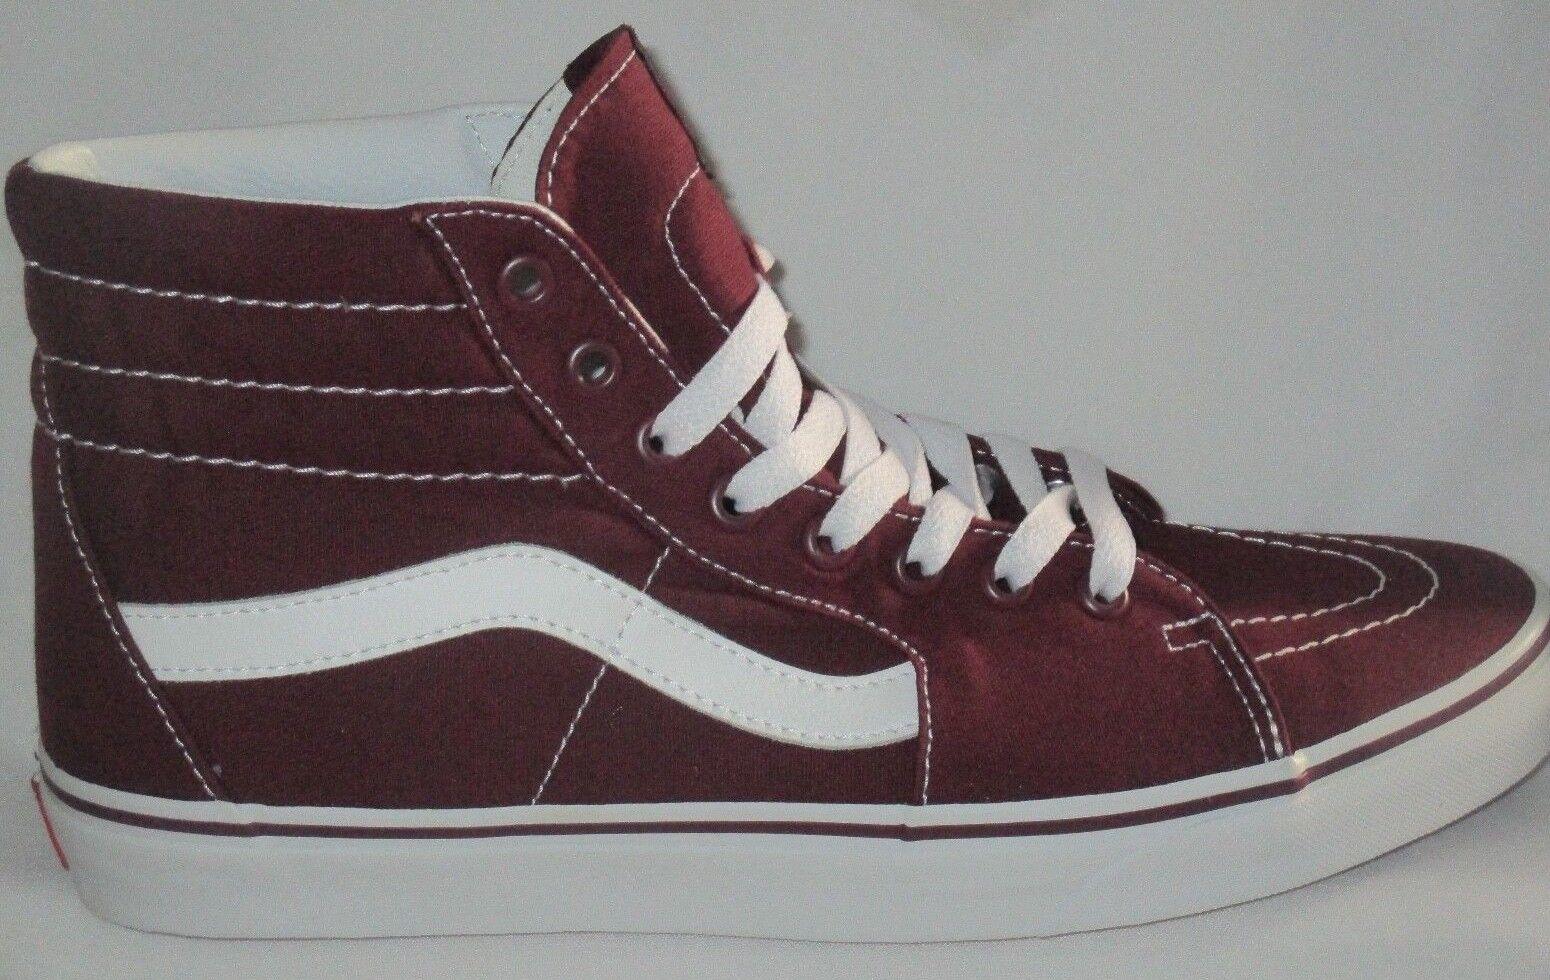 Homme VANS SK8-HI  (CAMVAS)   PORT ROYALE VNOA38GEJX5  SKATEBOARD Chaussures Taille 10